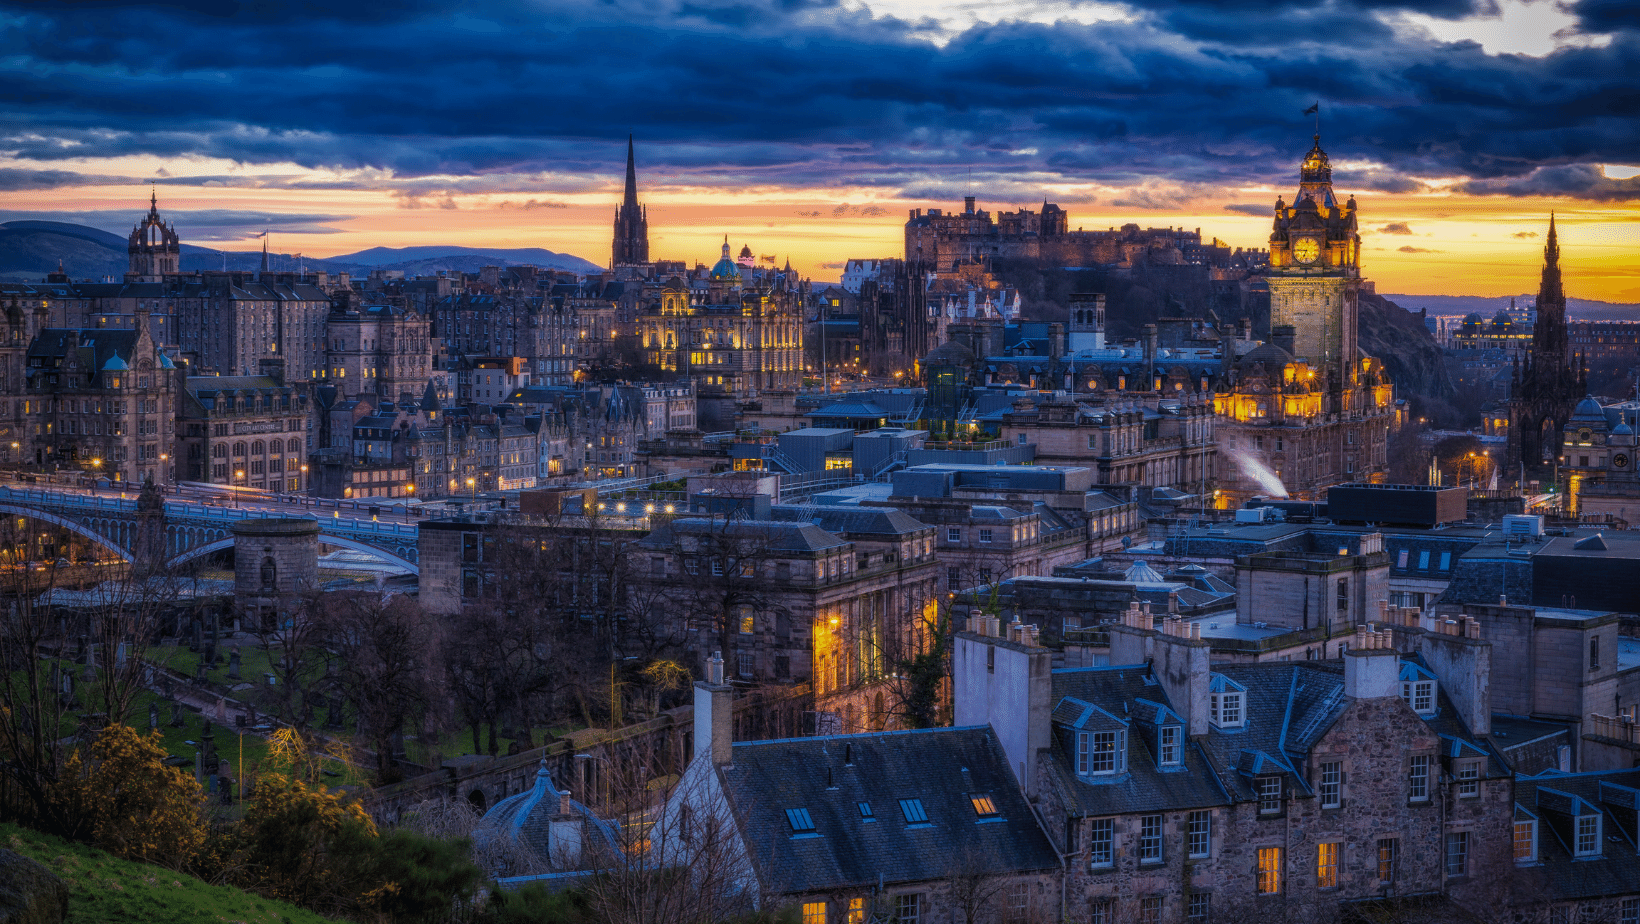 The skyline of Edinburgh during sunset